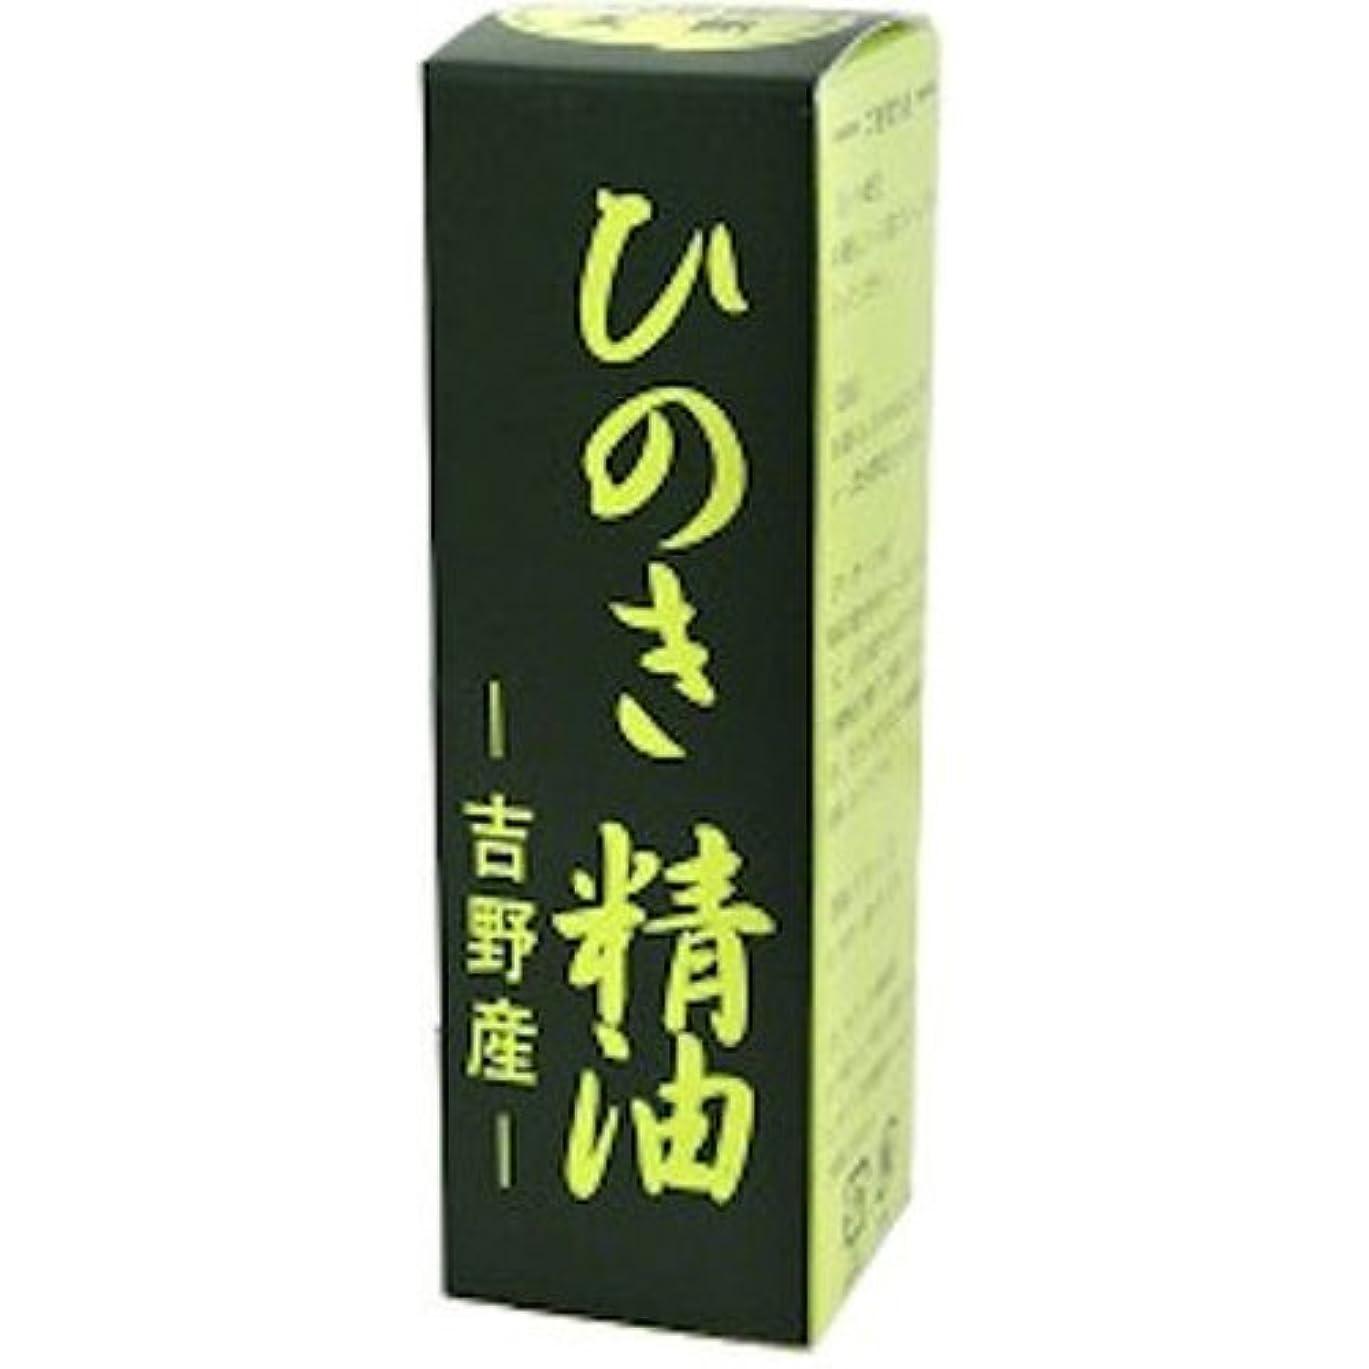 釈義極めて重要な仲間吉野ひのき精油(エッセンスオイル) 30ml